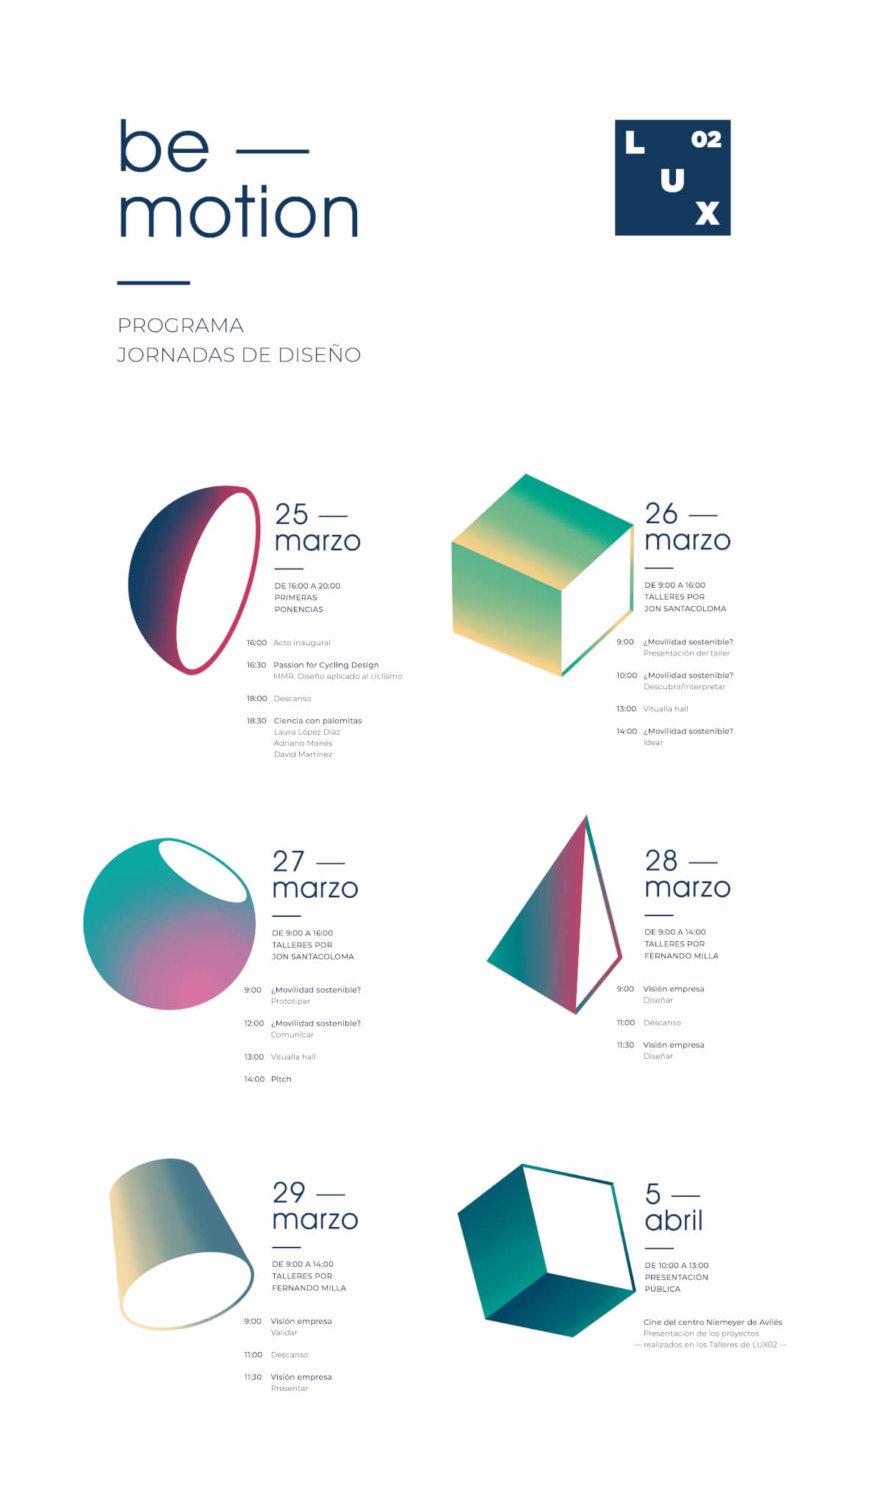 """Presentación Proyectos Jornadas de Diseño """"Lux02: be motion"""""""